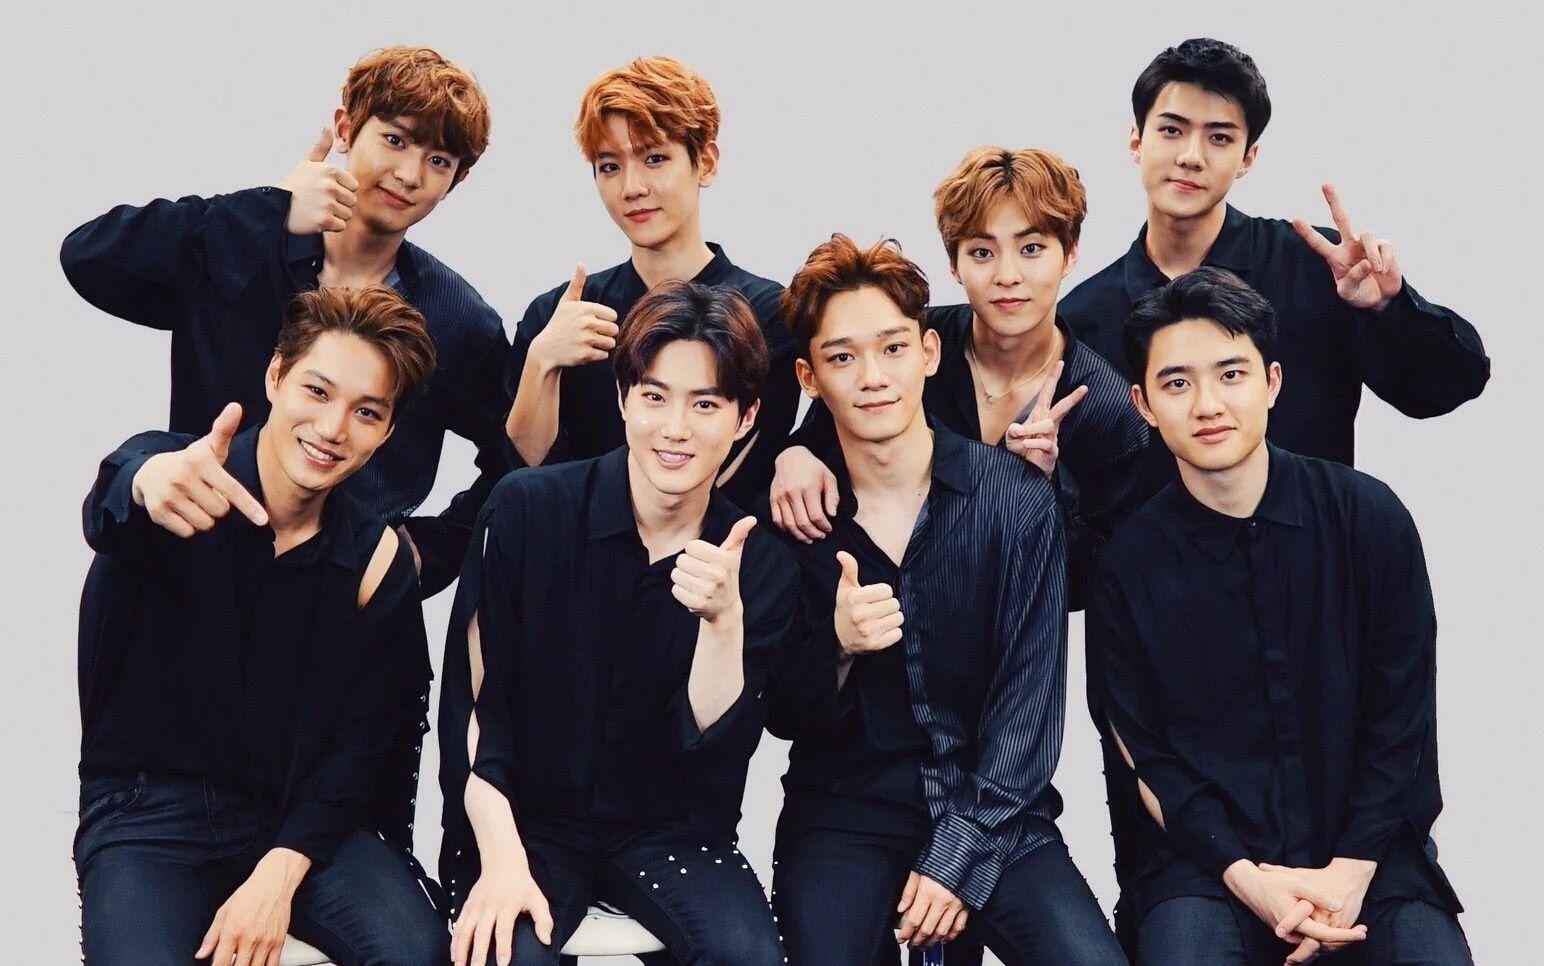 谁有exo这种图片的,我要他们12人的,如果有合照的话也